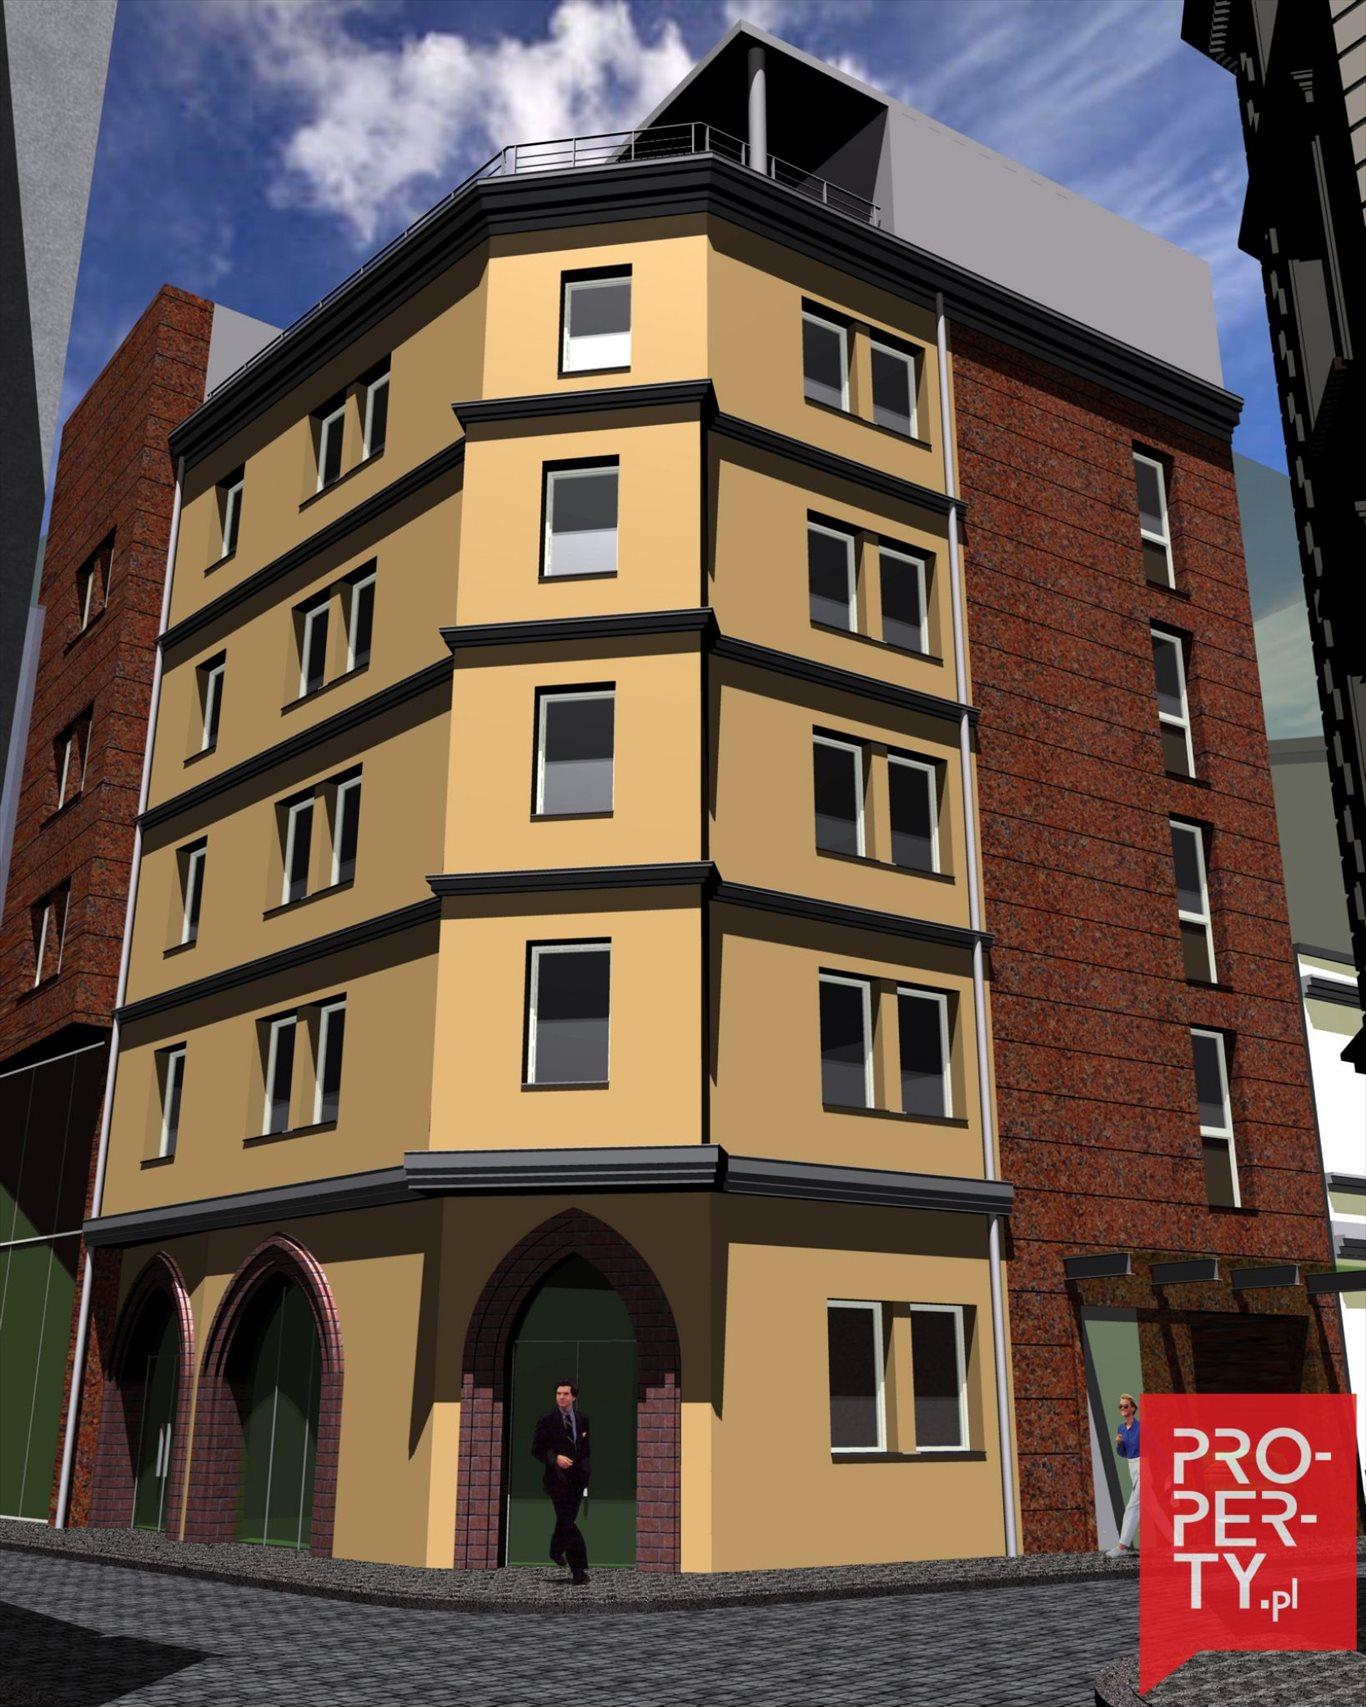 Działka budowlana na sprzedaż Bytom, Rozbark, Mariacka  290m2 Foto 4